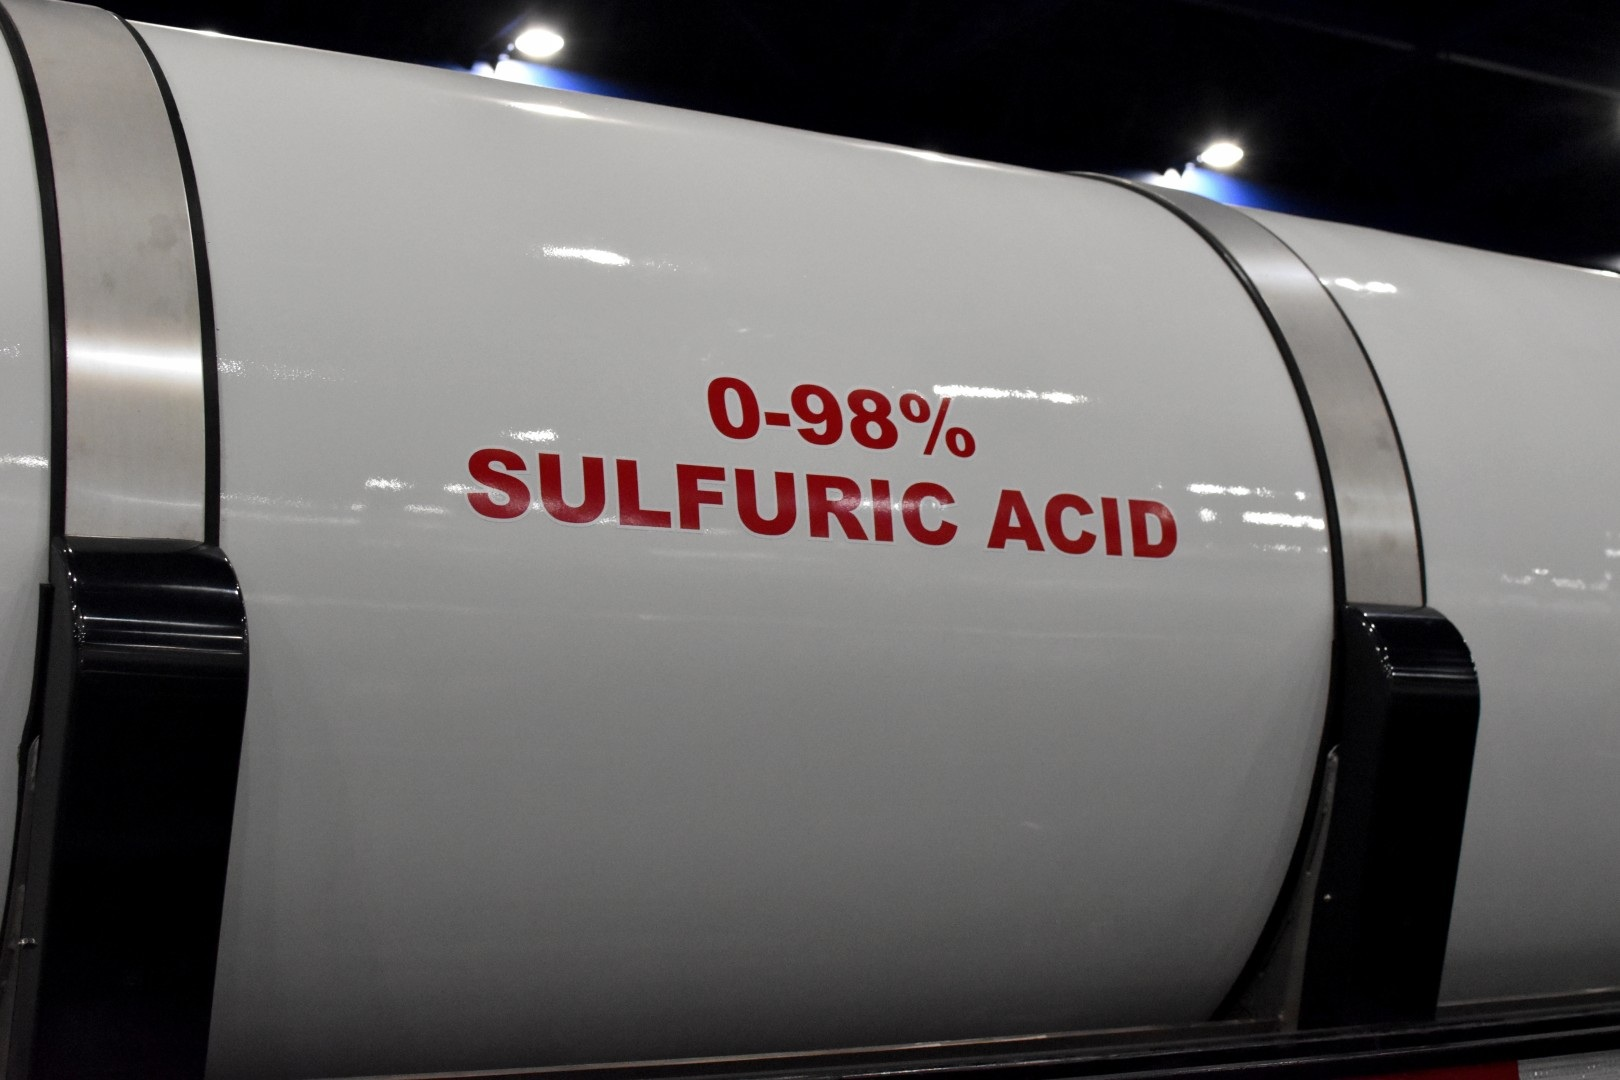 Sulfuric Acid, Acids, Chemicals